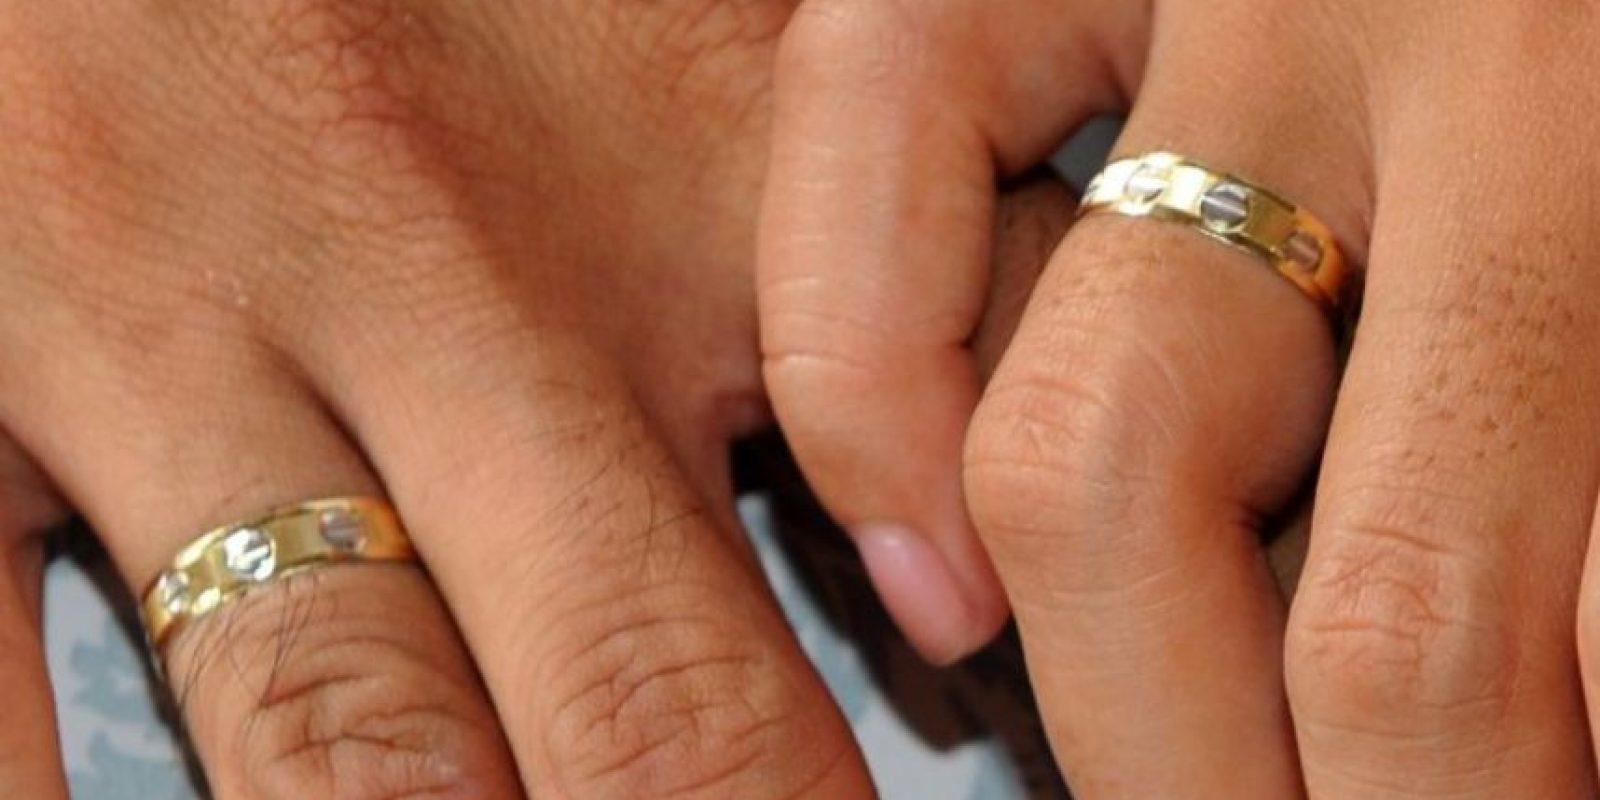 """11. """"Doble toque"""": La mujer debe guiar la mano del hombre hasta su vagina para que la masturbe. Posteriormente ella debe hacerlo para que luego él la penetre. Foto:Twitter"""